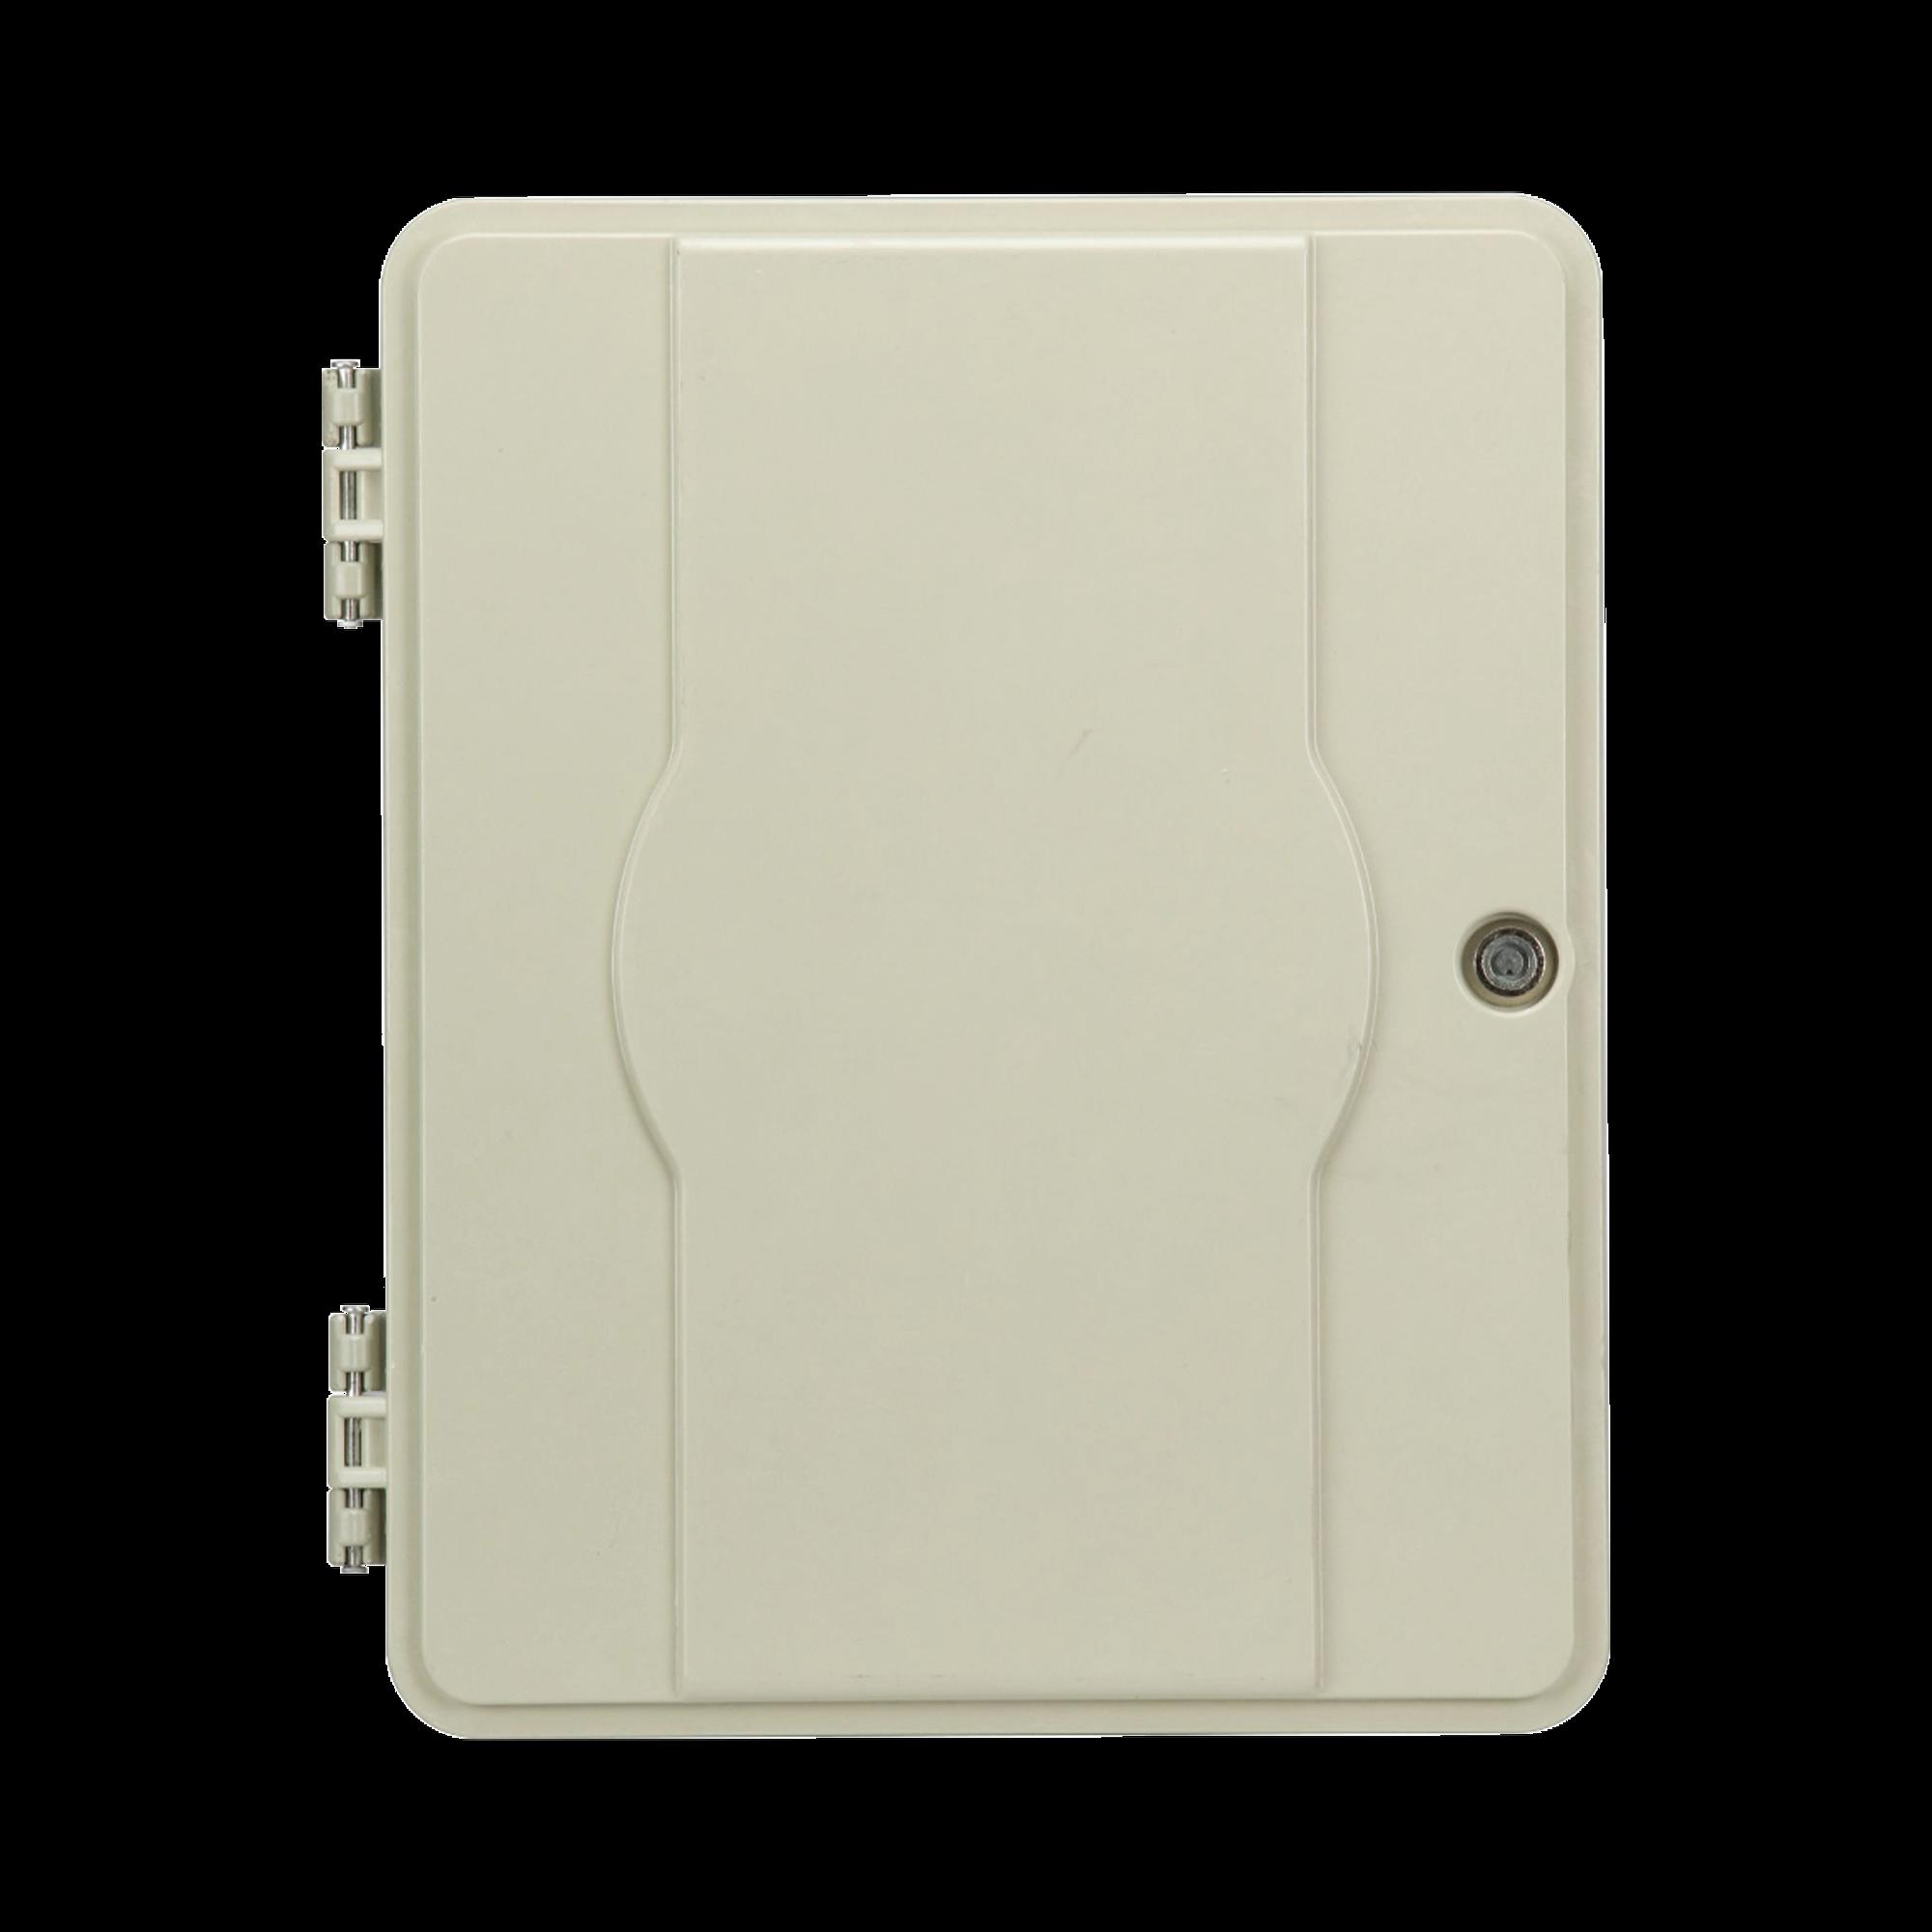 Gabinete Pasivo de Fibra óptica, Acepta Cuatro Placas FPONEAP12, IP55, Montaje en Poste o Pared